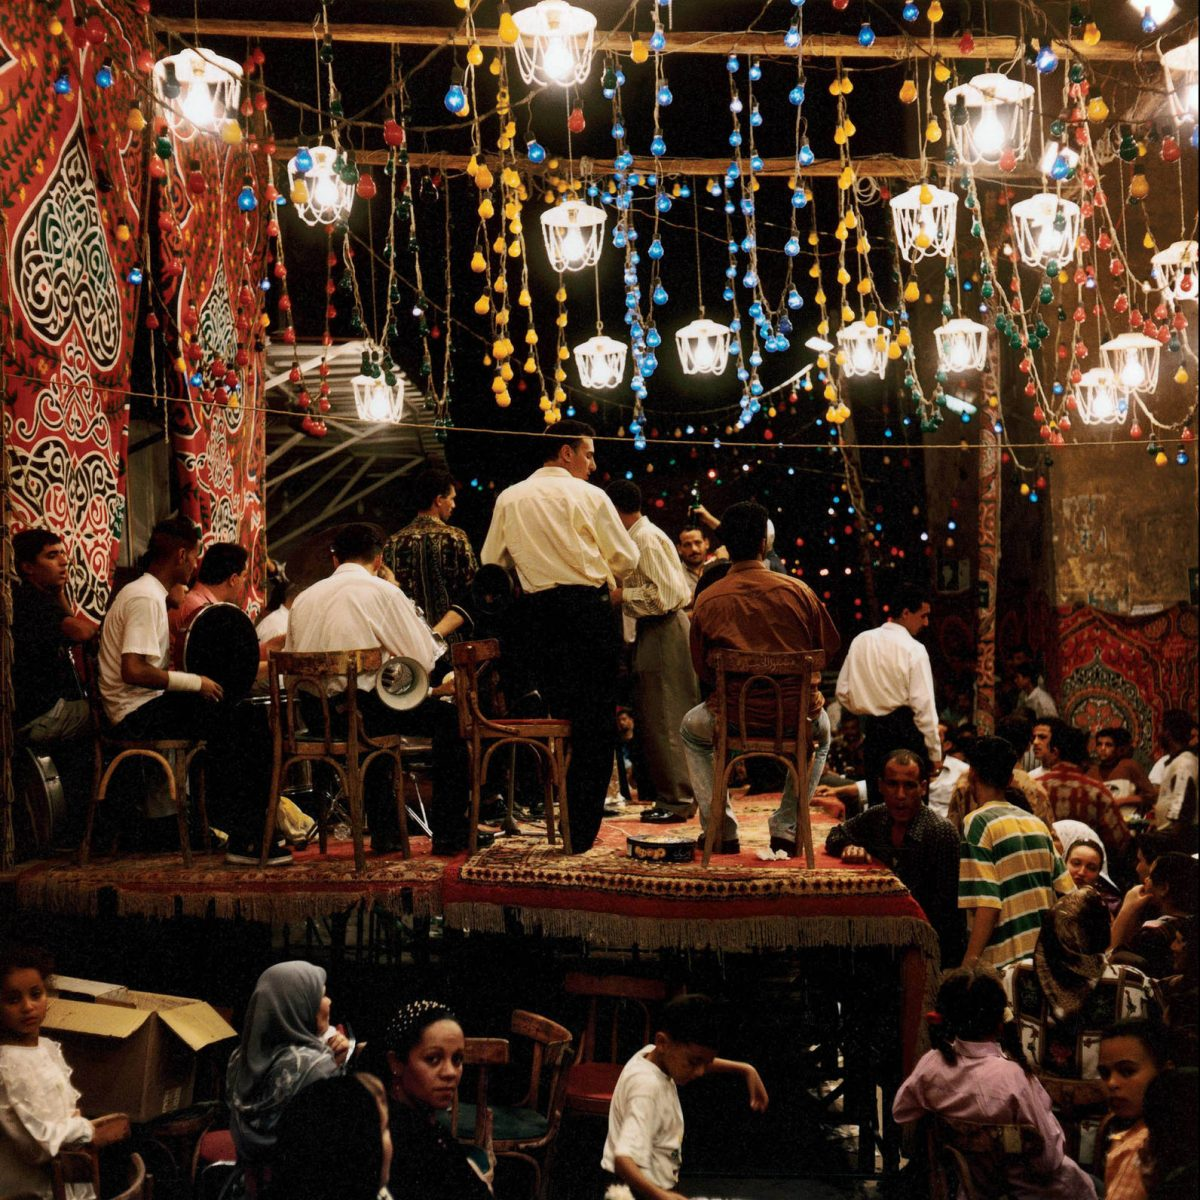 Egypte, Le Caire, 1999 - Musiciens photographie de Denis Dailleux